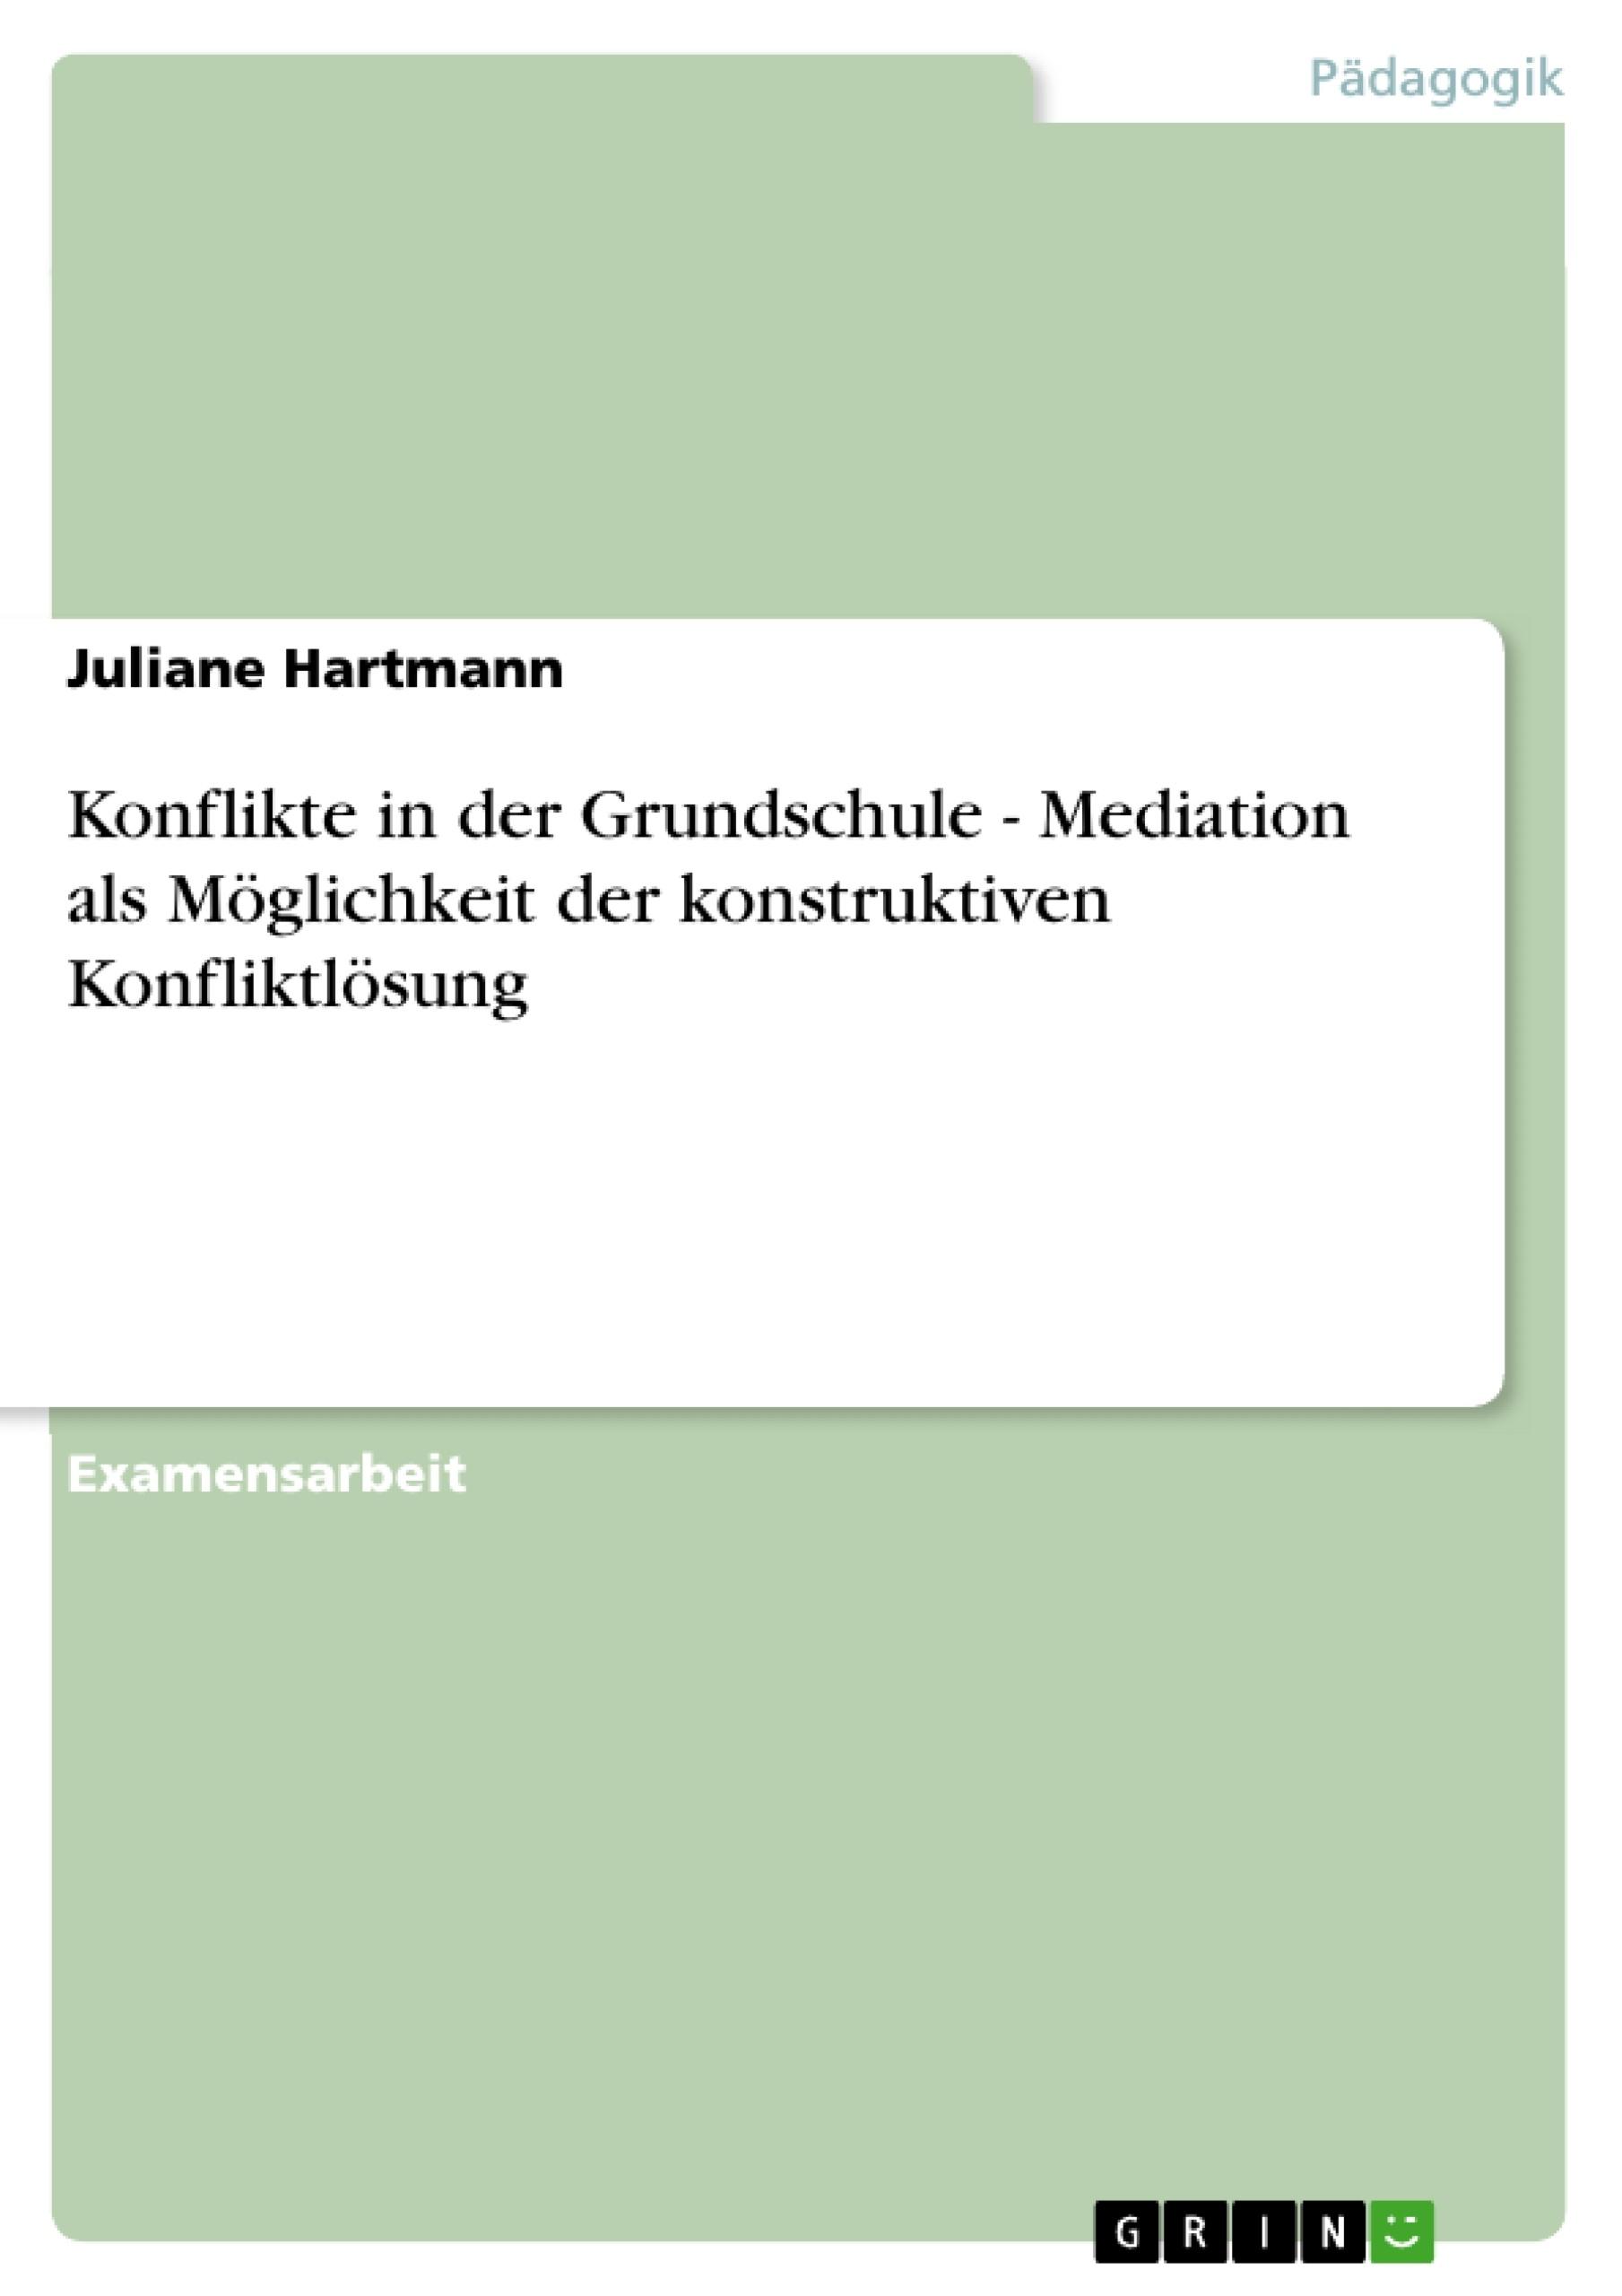 Titel: Konflikte in der Grundschule - Mediation als Möglichkeit der konstruktiven Konfliktlösung